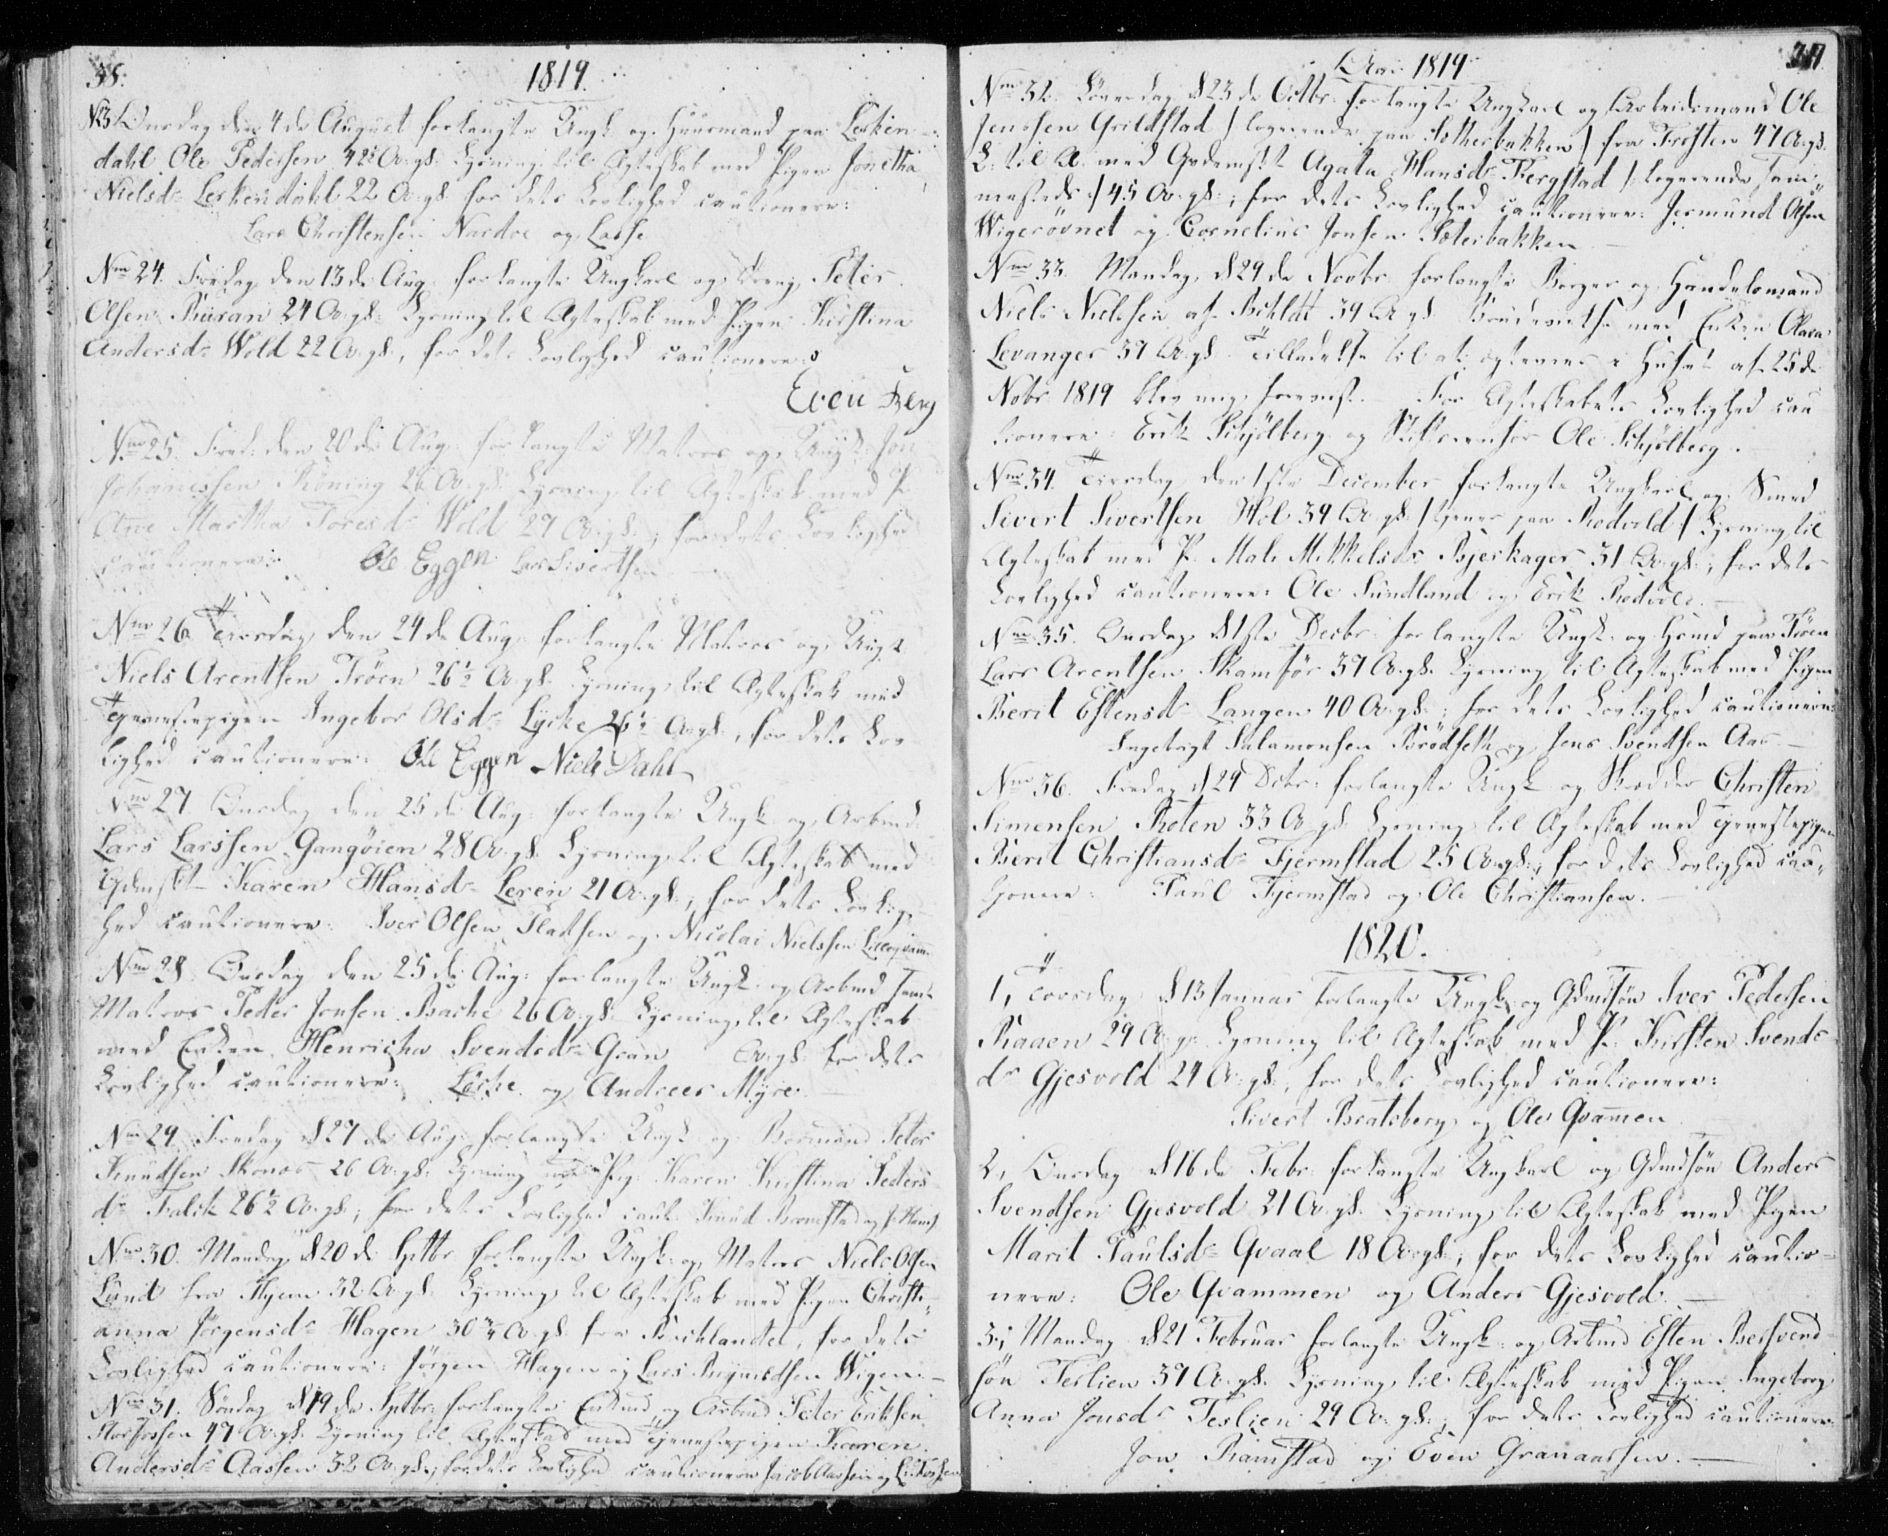 SAT, Ministerialprotokoller, klokkerbøker og fødselsregistre - Sør-Trøndelag, 606/L0295: Lysningsprotokoll nr. 606A10, 1815-1833, s. 38-39